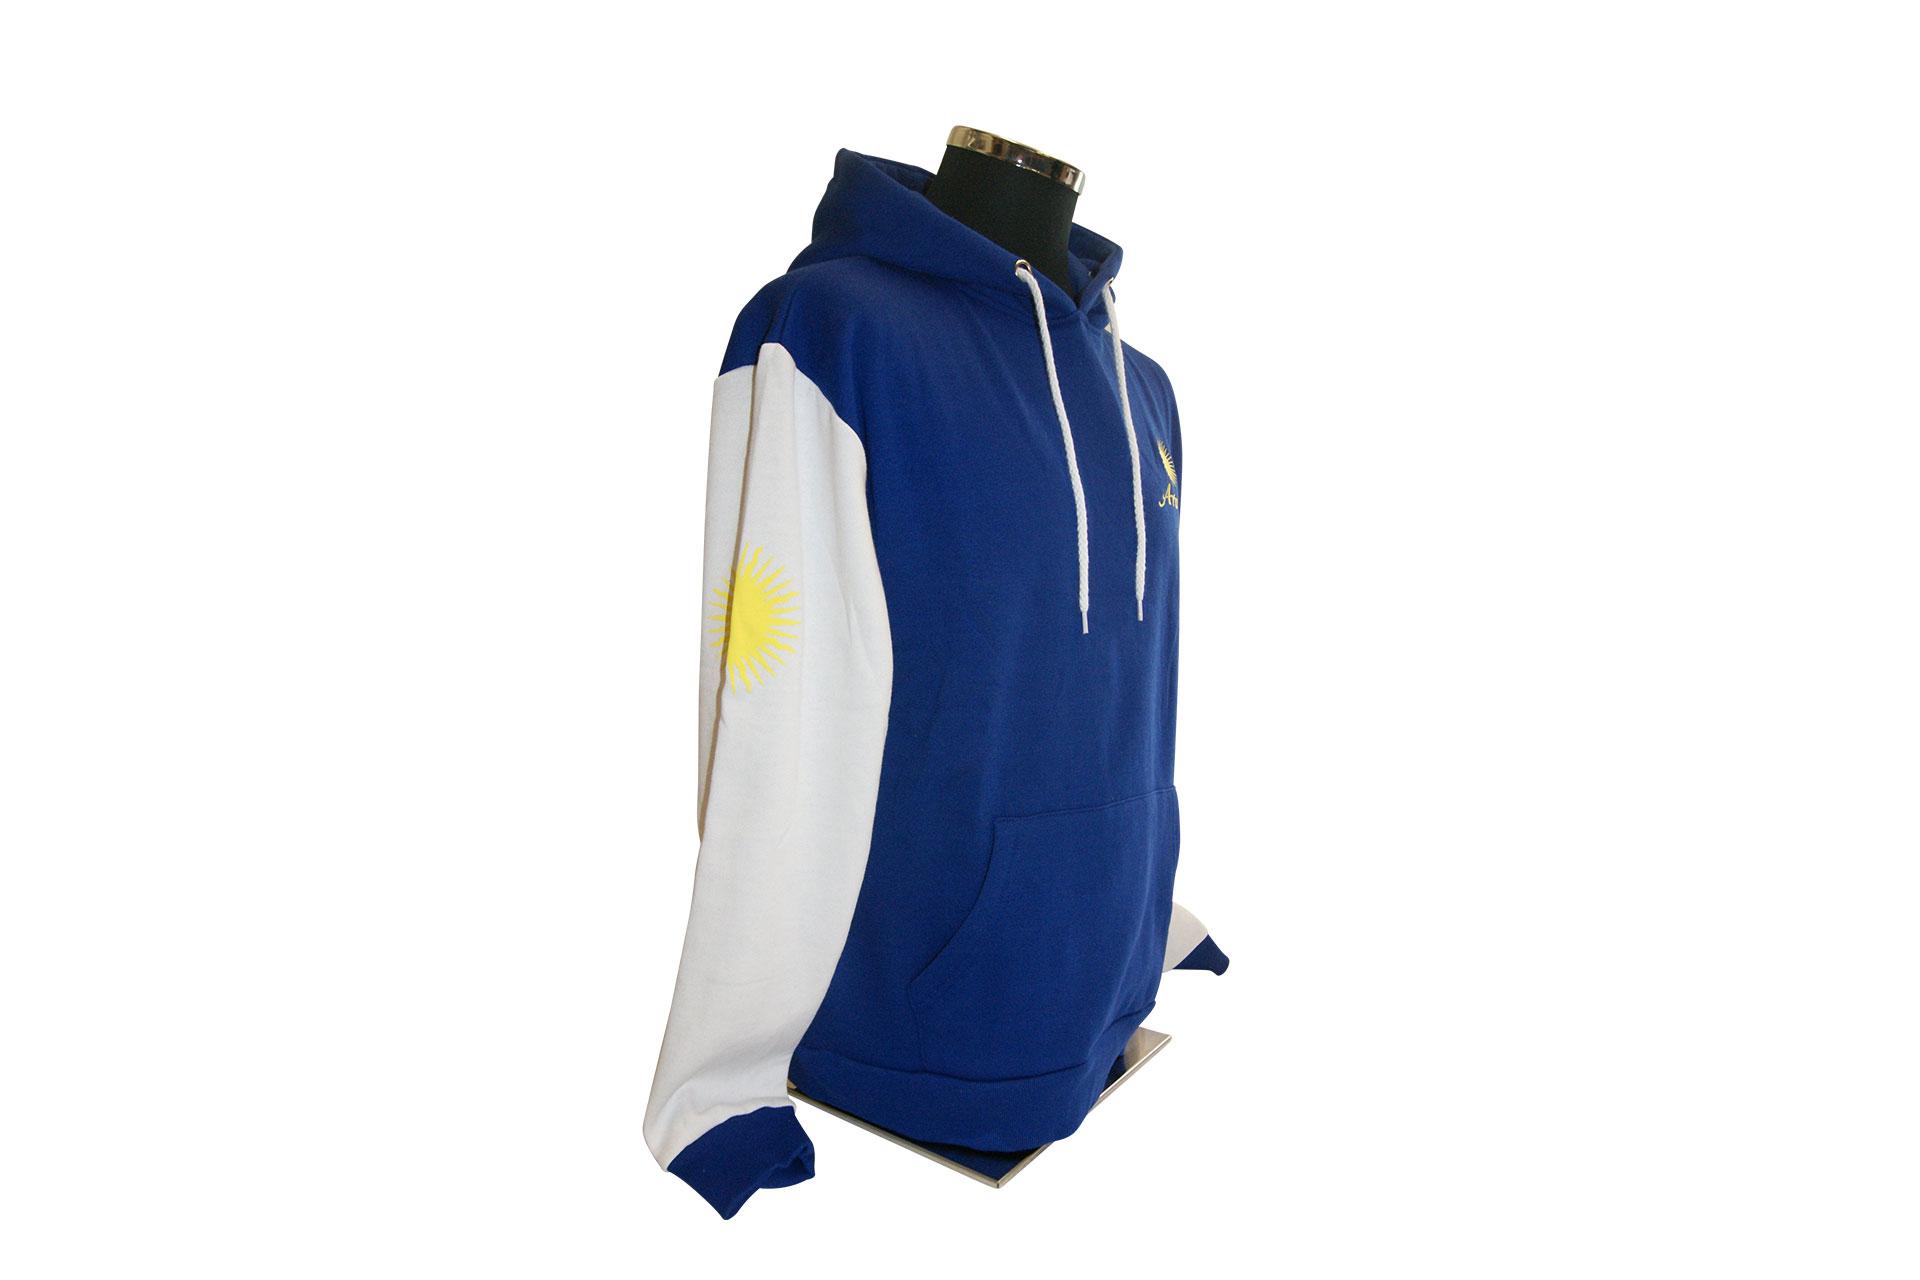 bc03f408199a6f Arosa Hoody Blau Weiss von Souvenir Shop Arosa - Aroser Souvenirs